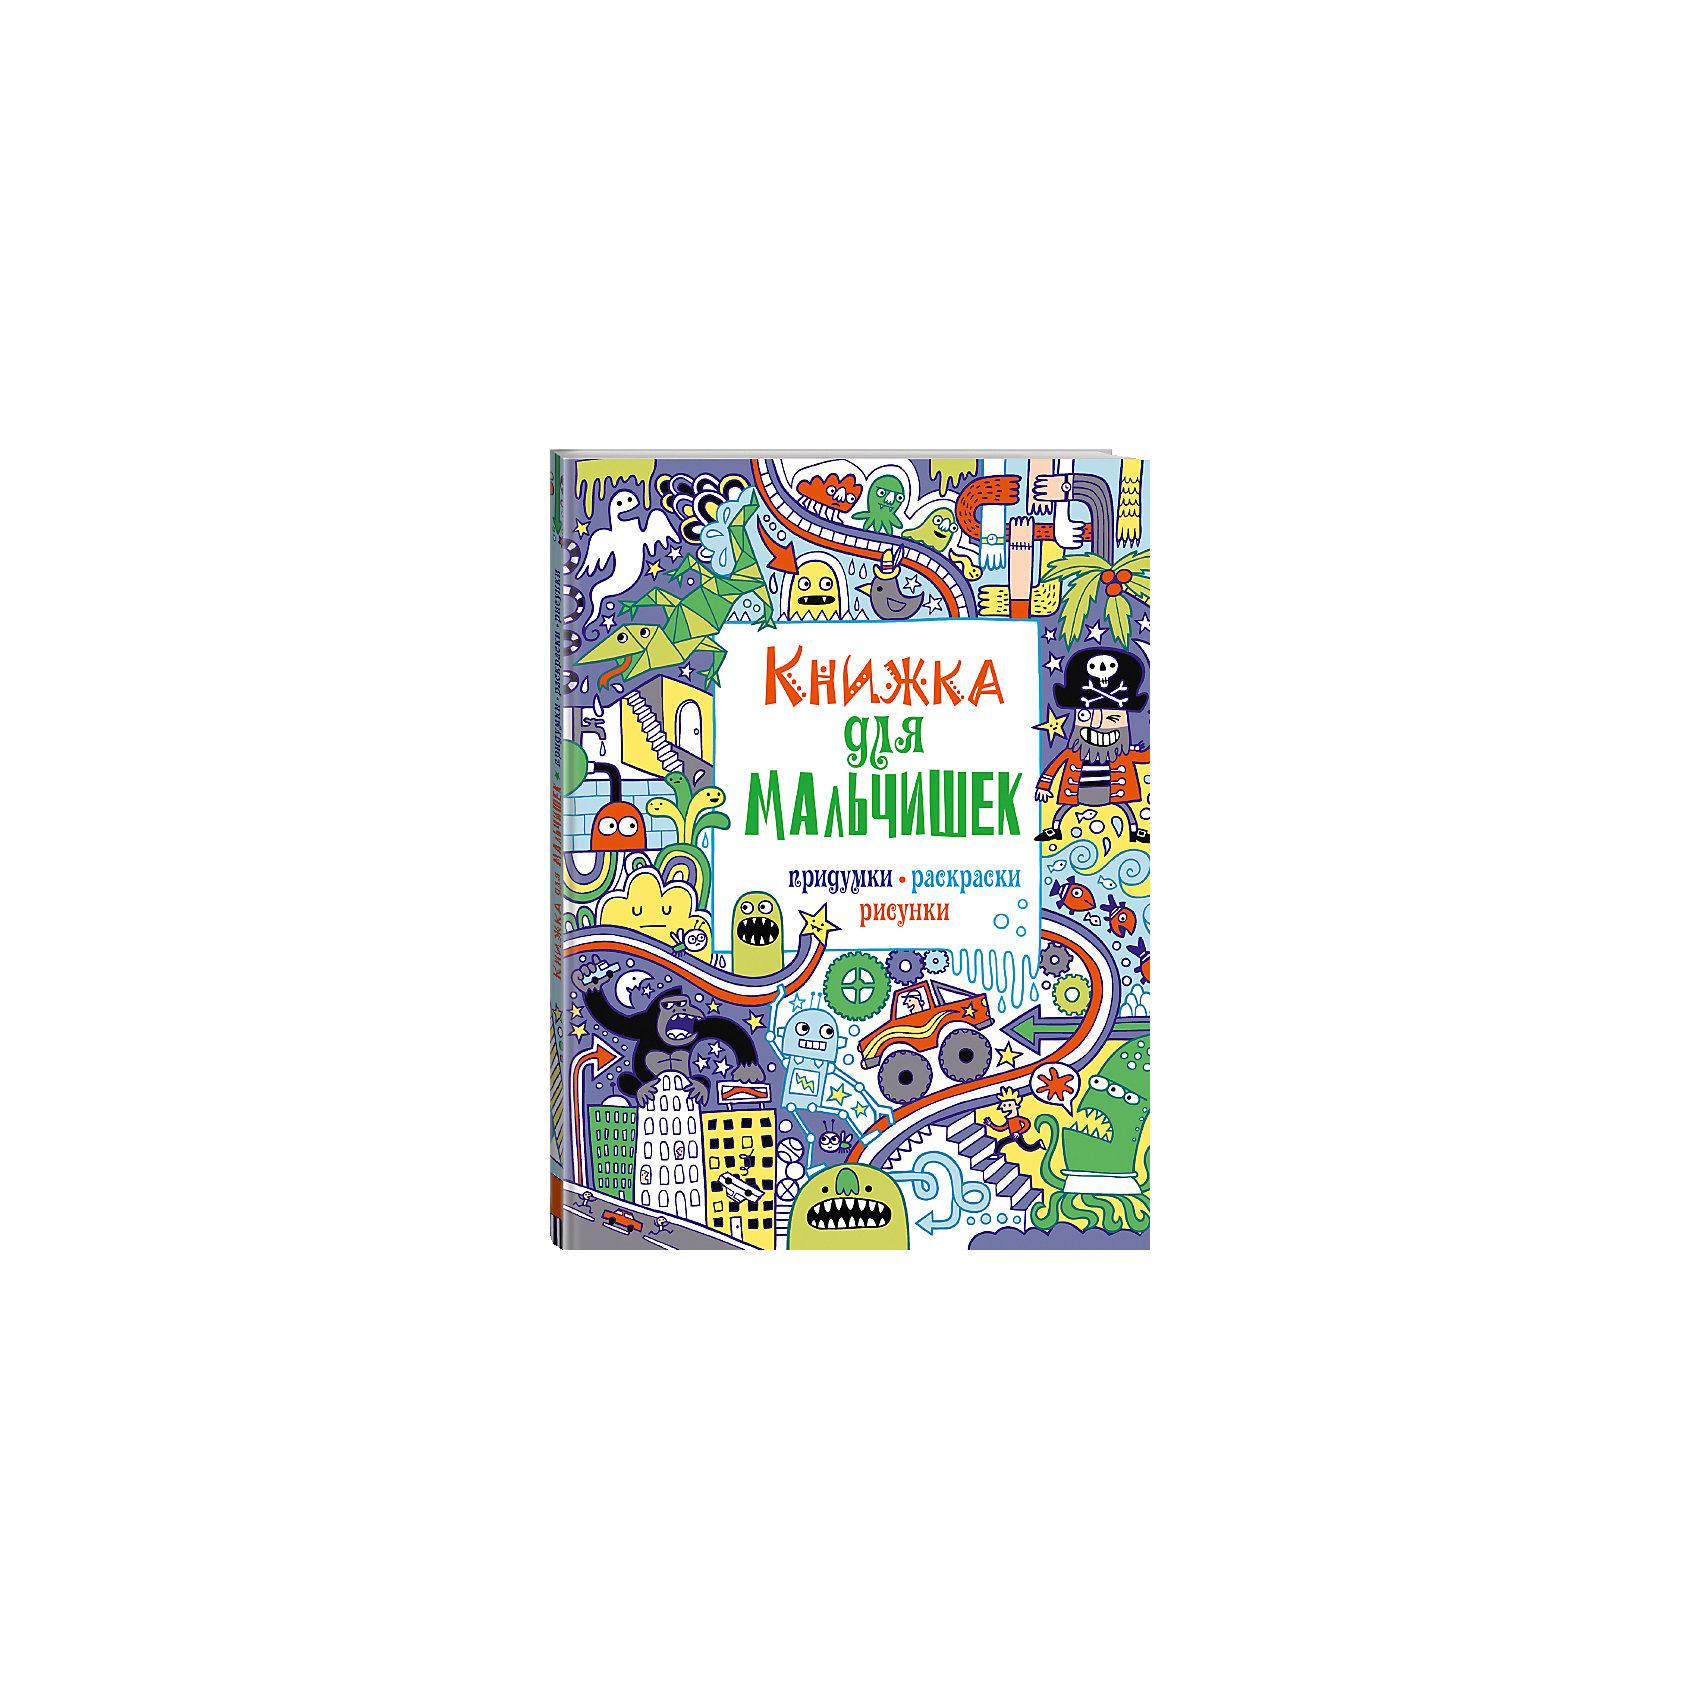 Книжка для мальчишек Придумки, раскраски, рисункиКниги для мальчиков<br>Книжка для мальчишек Придумки, раскраски, рисунки, Эксмо – это целых 100 страниц с увлекательными заданиями, стильными раскрасками и творческими идеями для начинающих художников и настоящих фантазёров. <br><br>Дополнительная информация:<br>-автор: Джеймс Маклейн<br>-иллюстрации: цветные и черно-белые<br>-количество страниц: 128<br>-формат: 60x84/8 (210x280 мм)<br>-переплет: мягкий<br><br>В этой книге можно раскрашивать, дорисовывать, фантазировать и рисовать самому!<br><br>Книжку для мальчишек Придумки, раскраски, рисунки, Эксмо можно купить в нашем магазине.<br><br>Ширина мм: 280<br>Глубина мм: 210<br>Высота мм: 10<br>Вес г: 374<br>Возраст от месяцев: 84<br>Возраст до месяцев: 144<br>Пол: Мужской<br>Возраст: Детский<br>SKU: 3665201